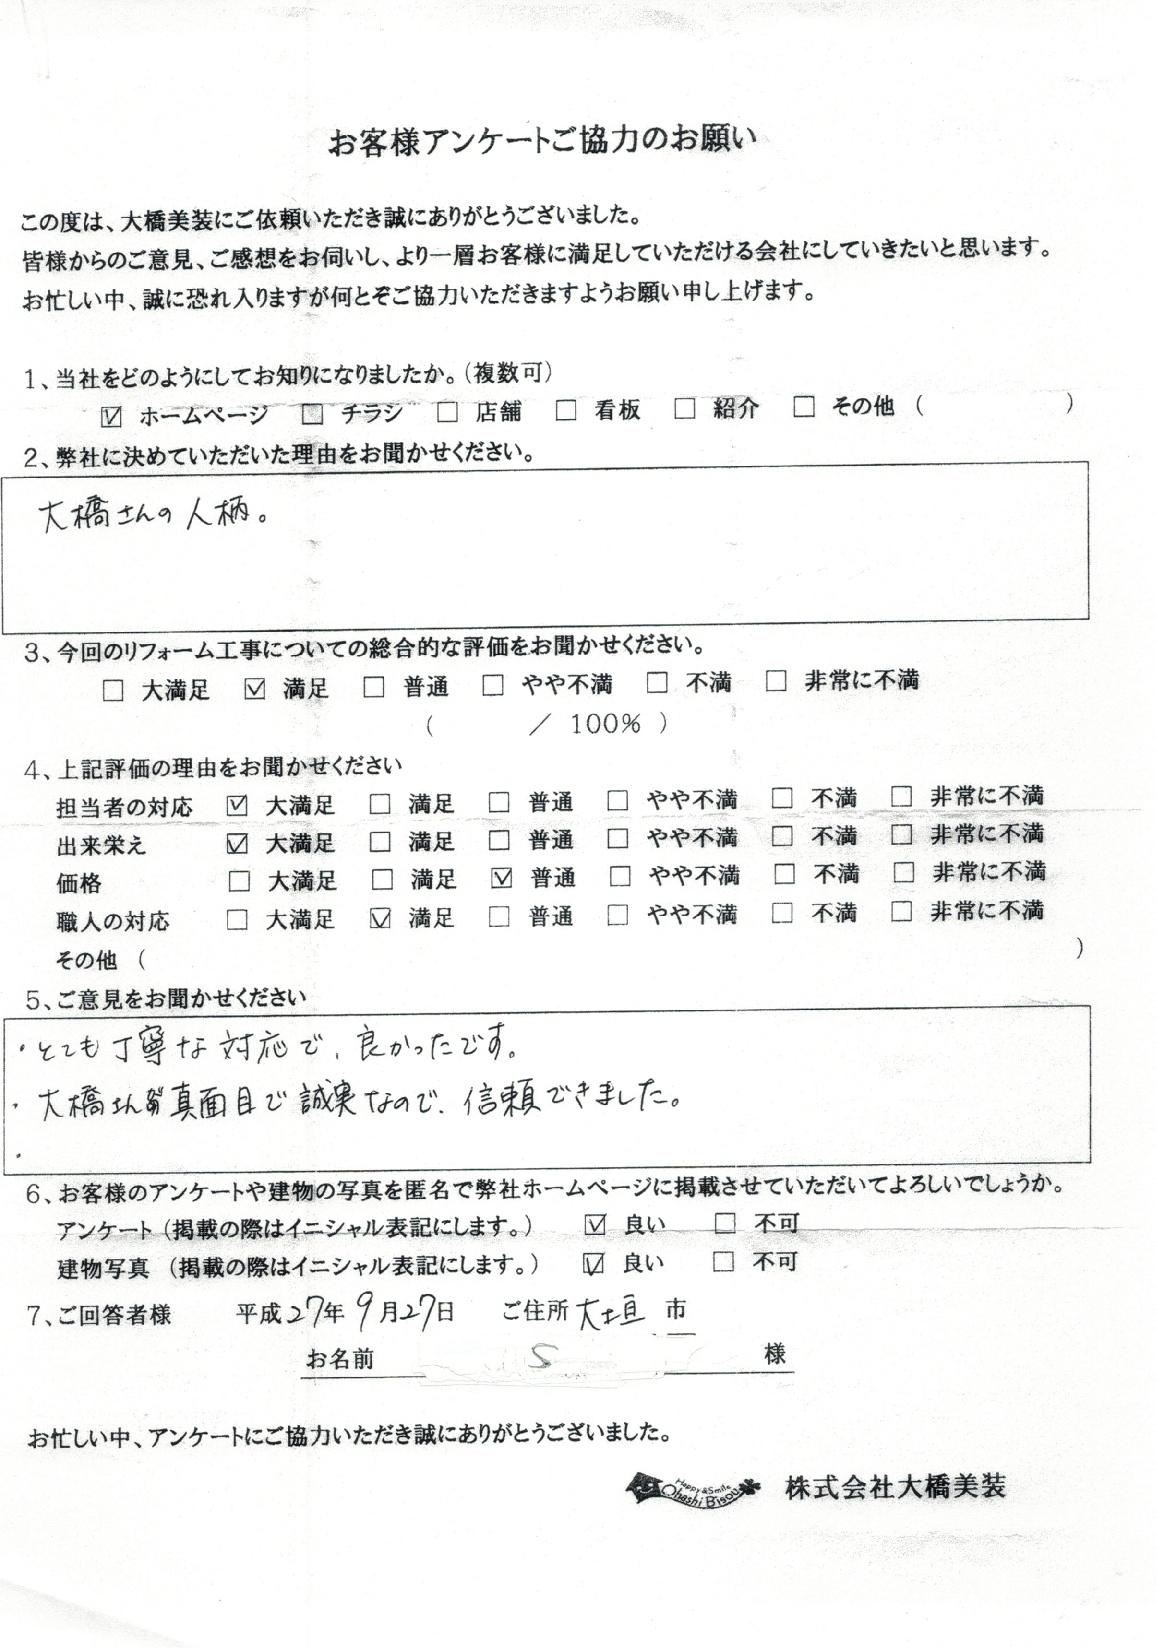 大垣市 アンケート